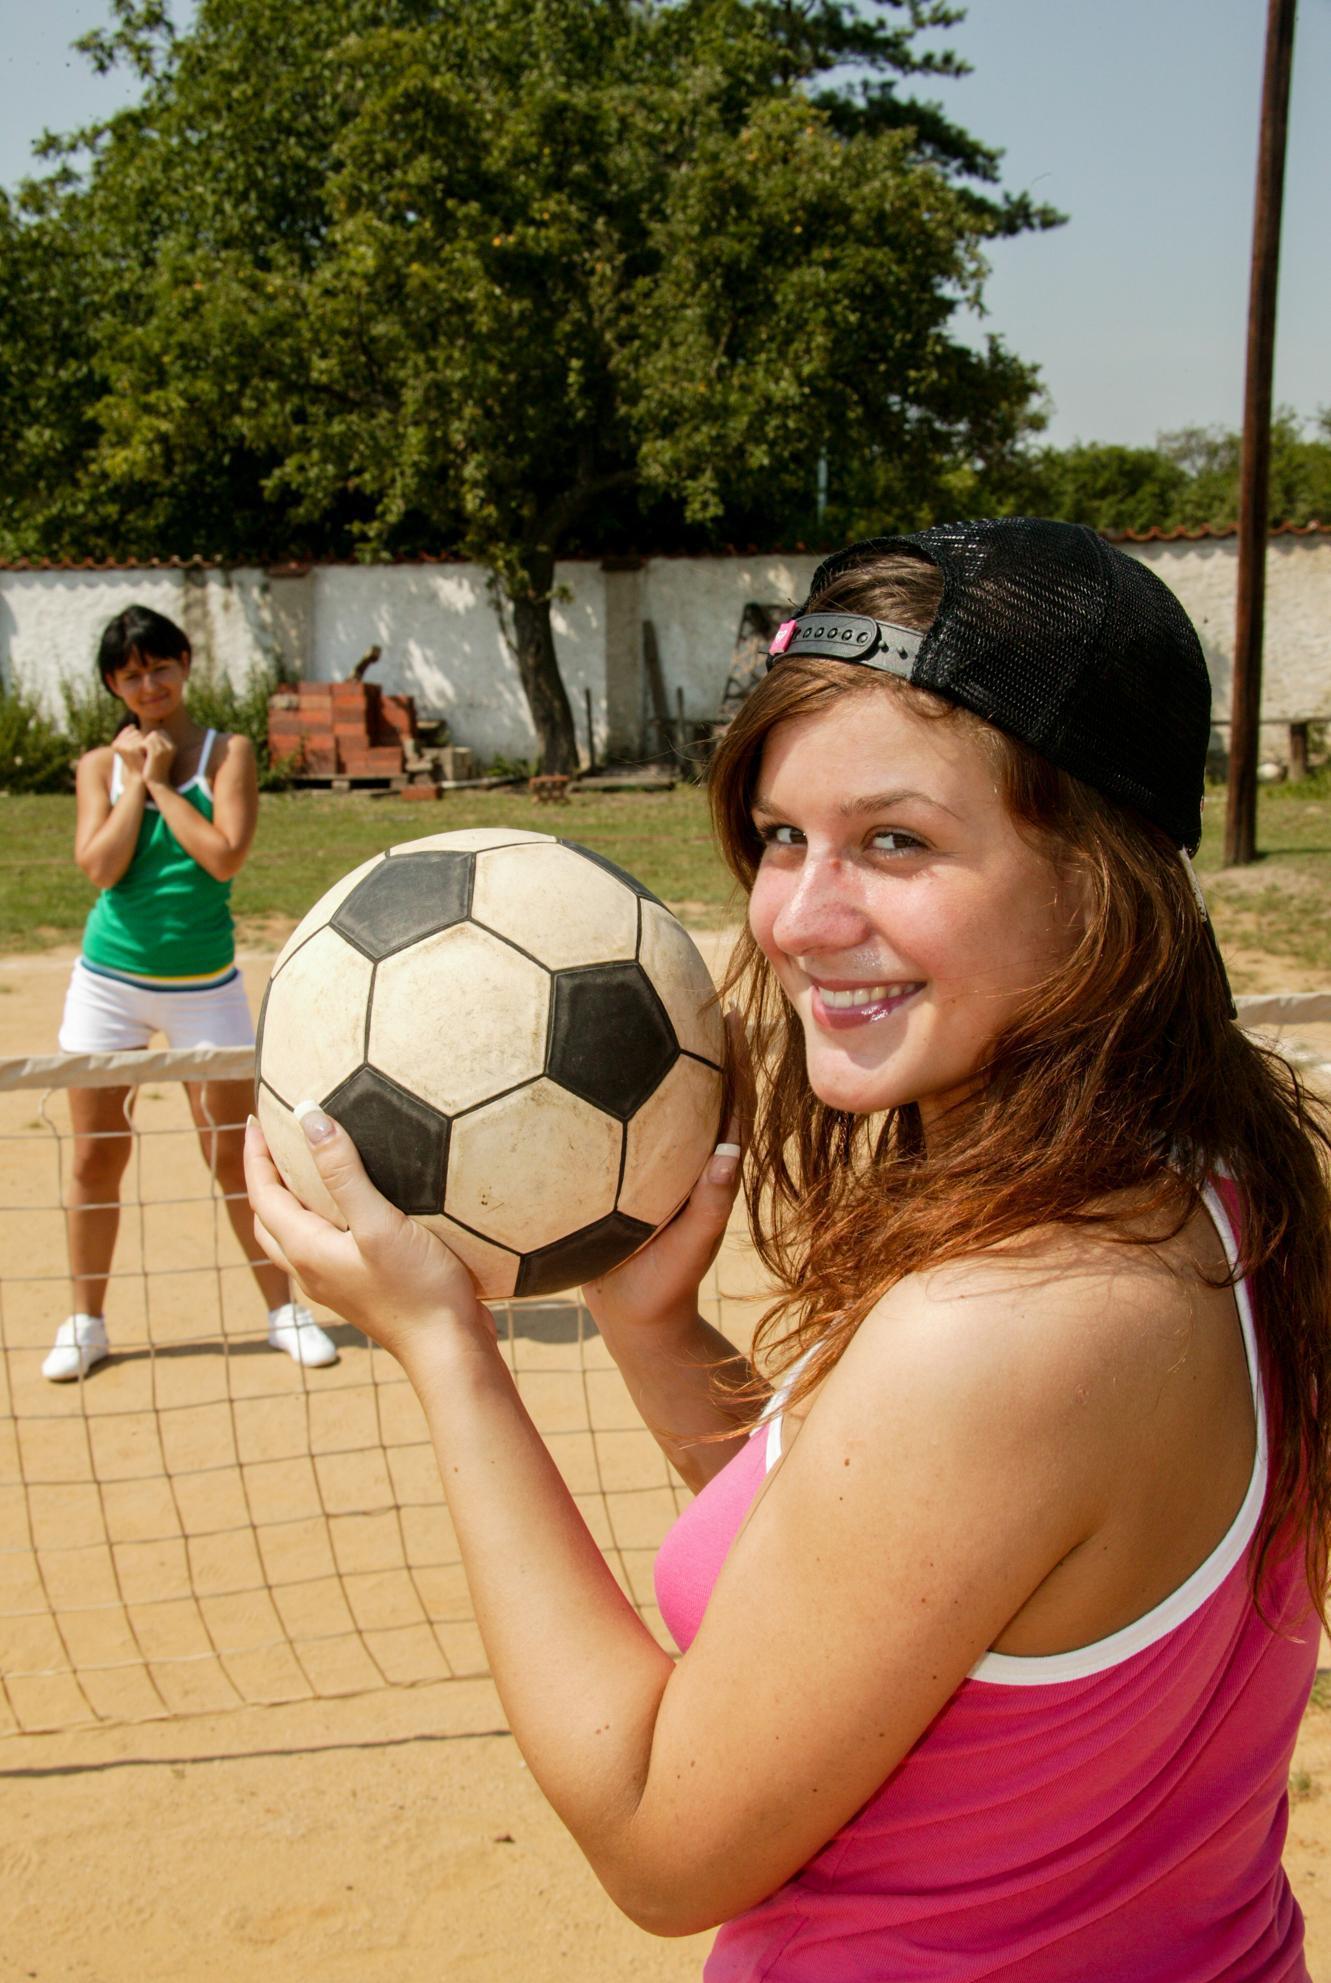 ist das frauenfussball ? nein das ist beach volleyball picture 2